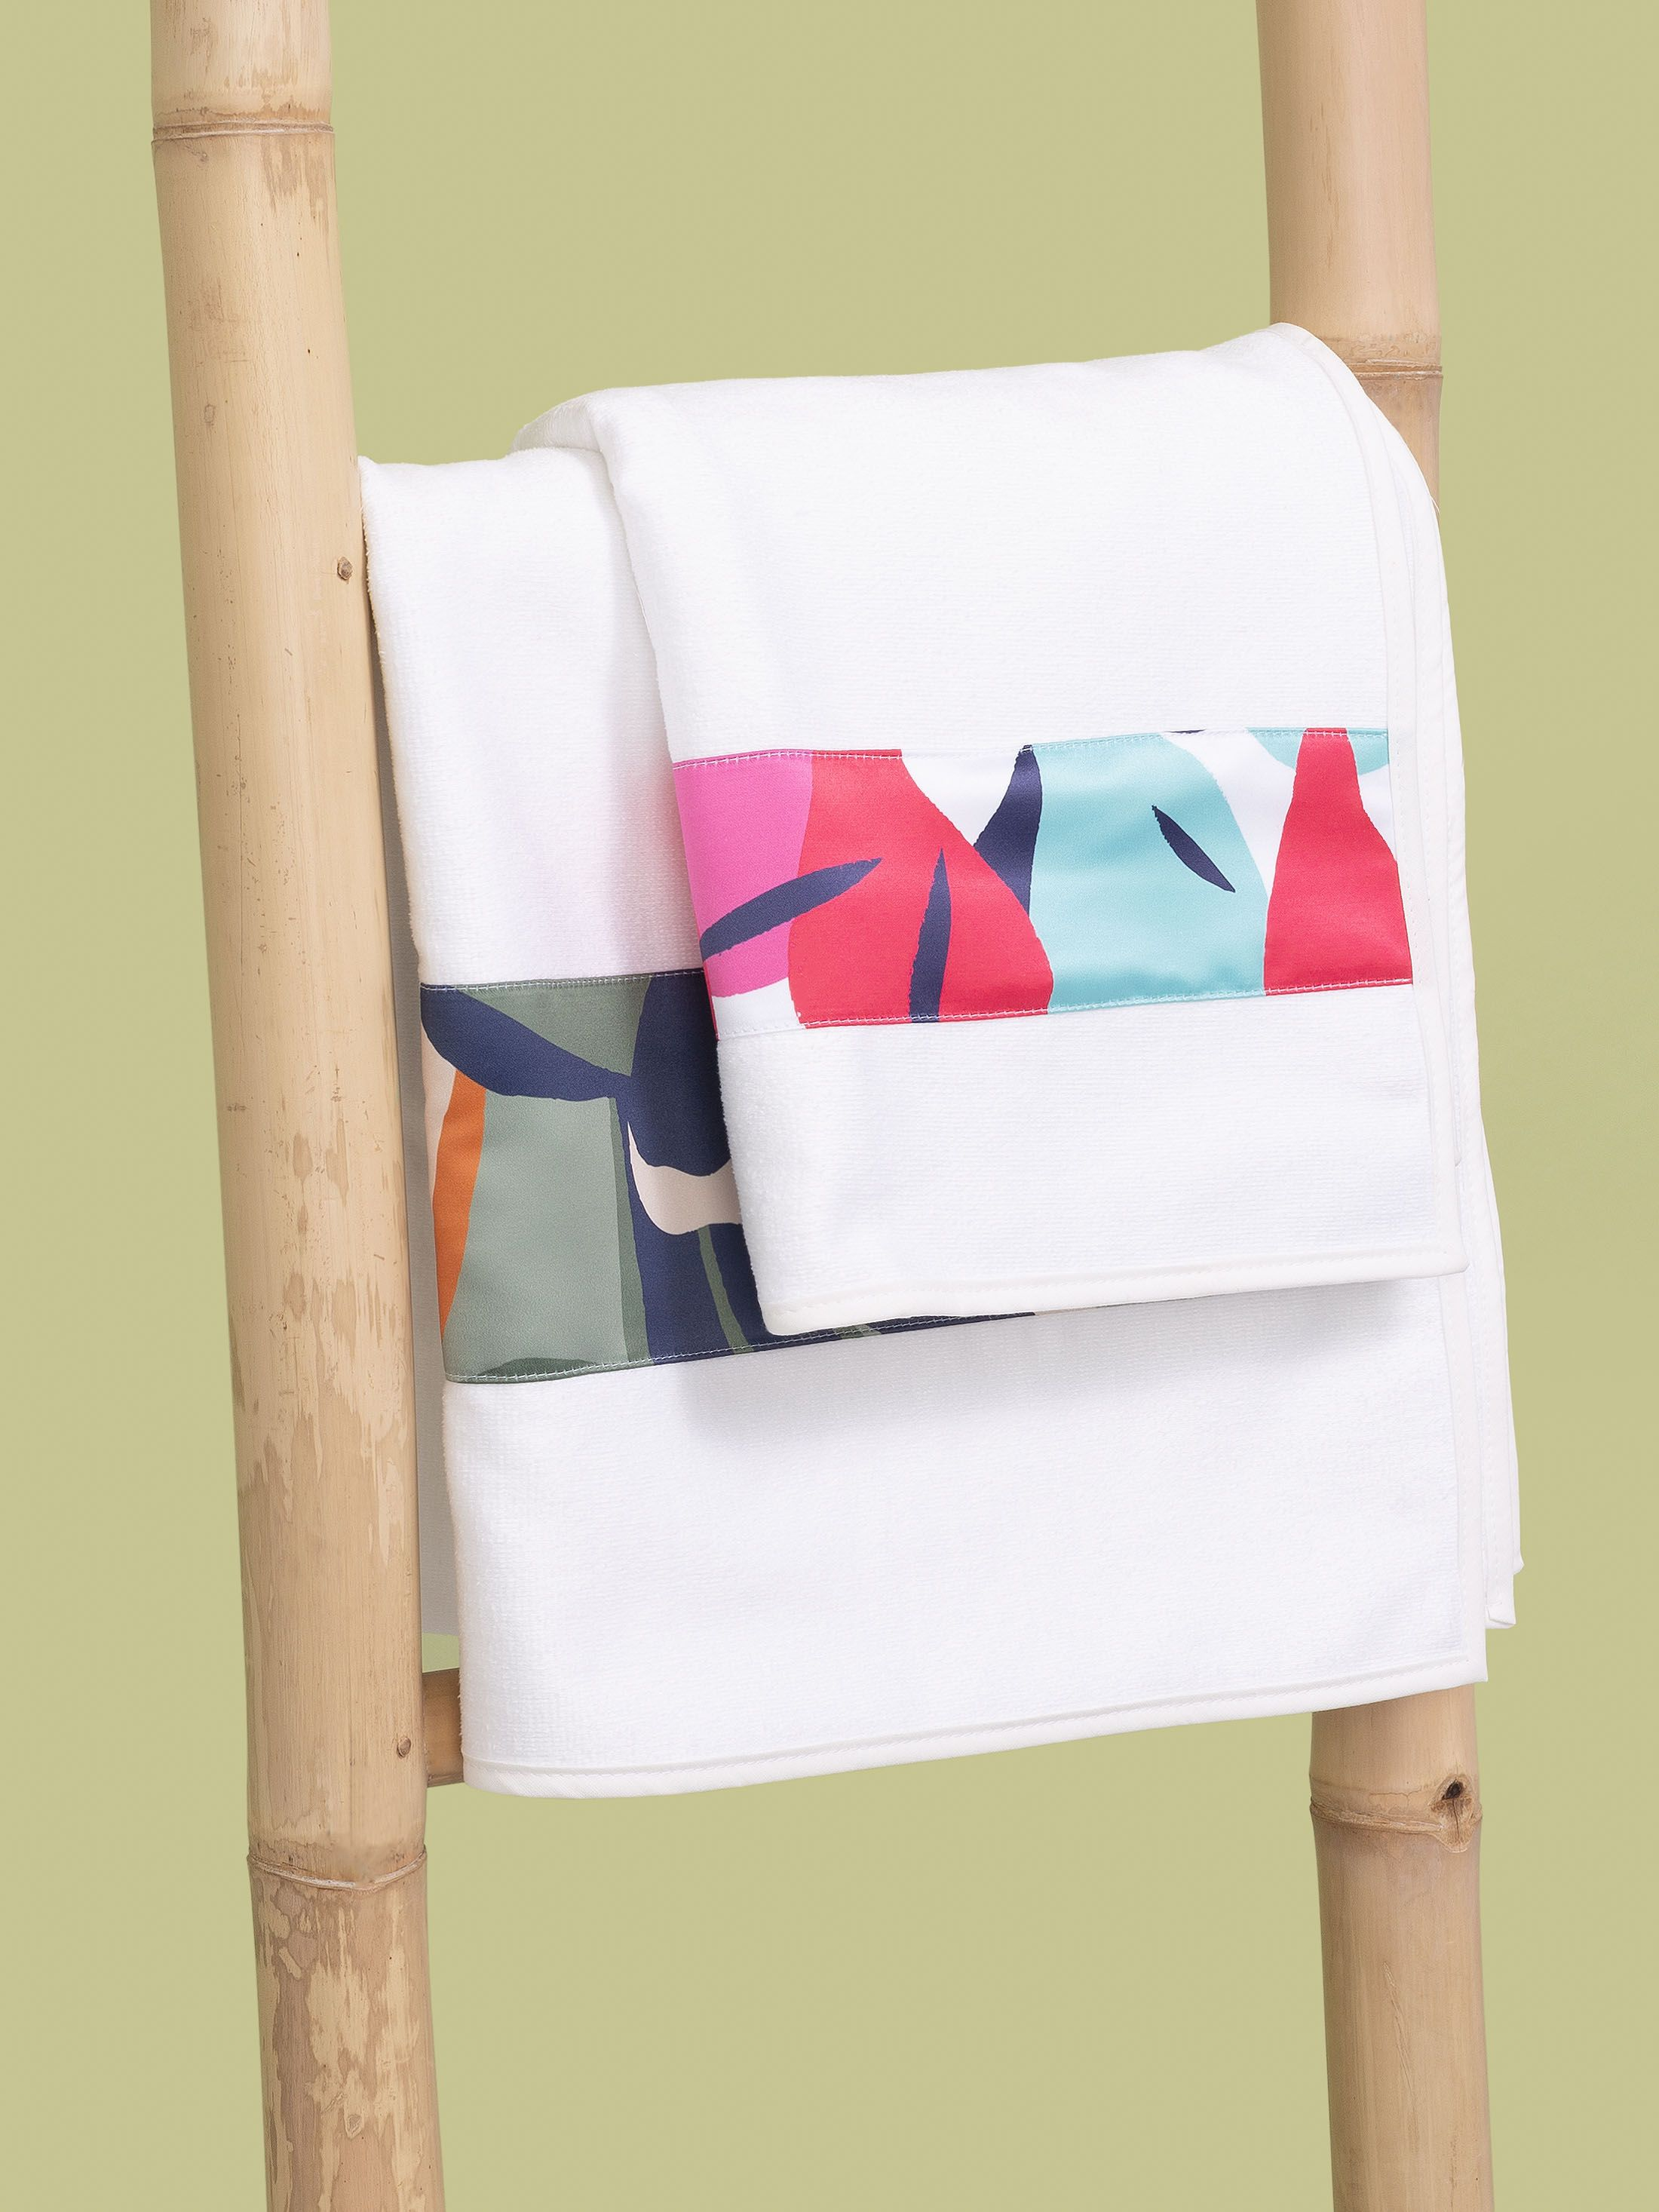 Handtuch bedrucken lassen mit eigenen fotos